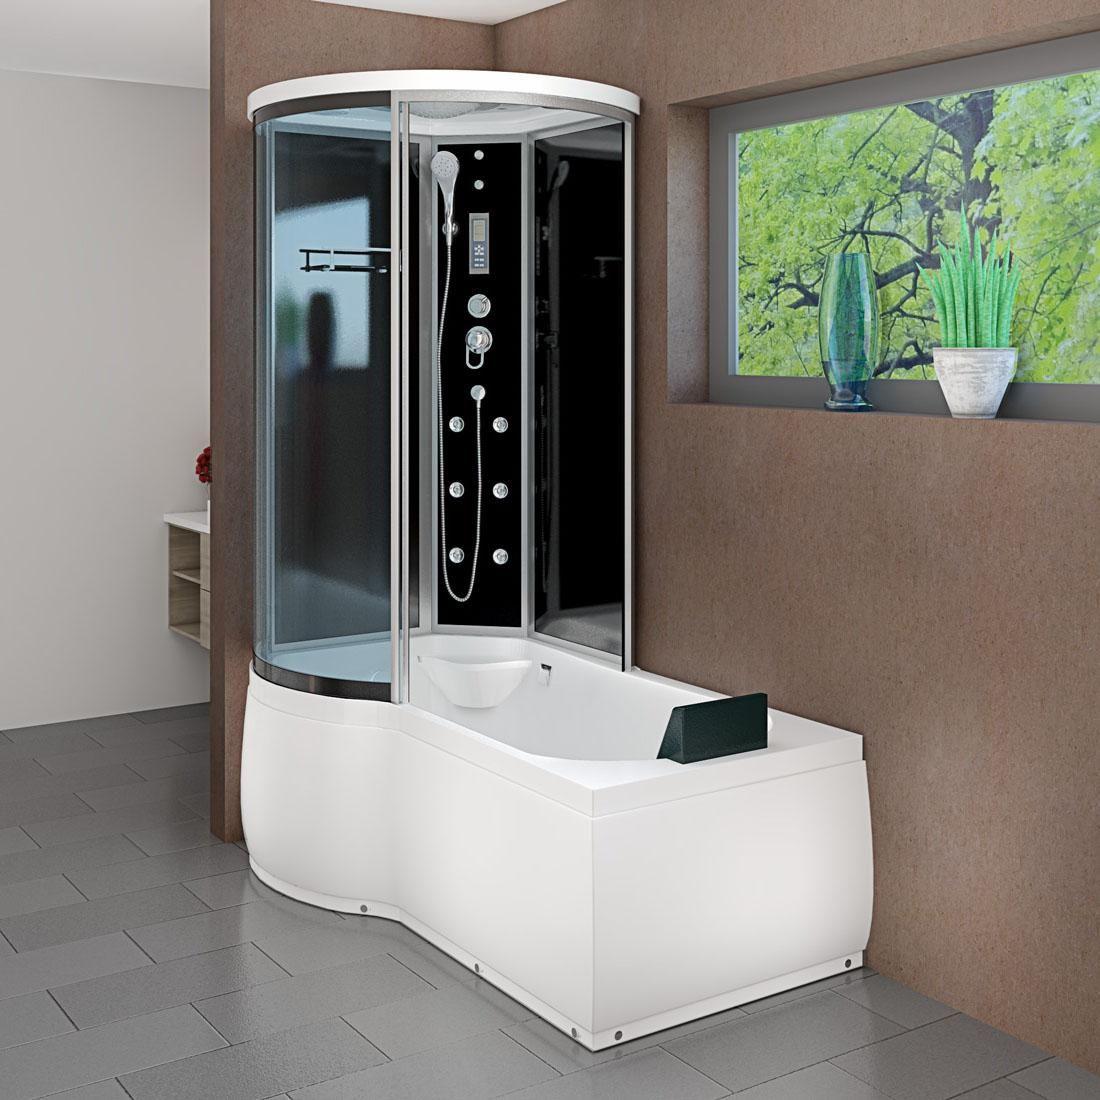 Acquavapore Dtp8055 A301r Dusche In 98x170cm Trendbad24 Badewanne Mit Dusche Badewanne Duschkabine